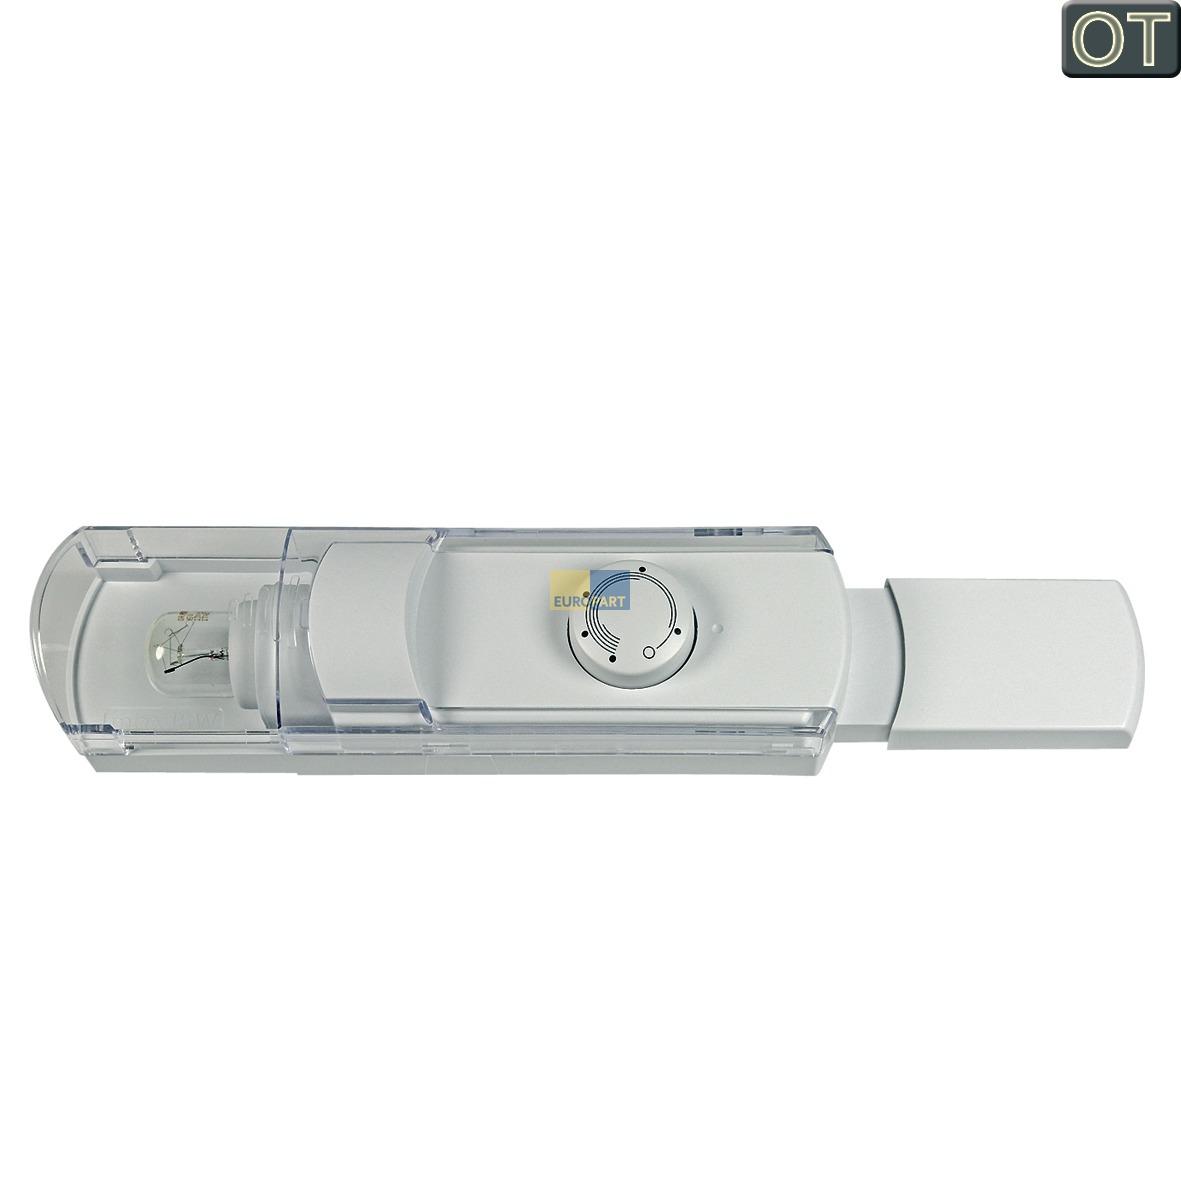 Bedieneinheit Inkl Thermostat Bosch 00499557 Ot Abea Hausgerate